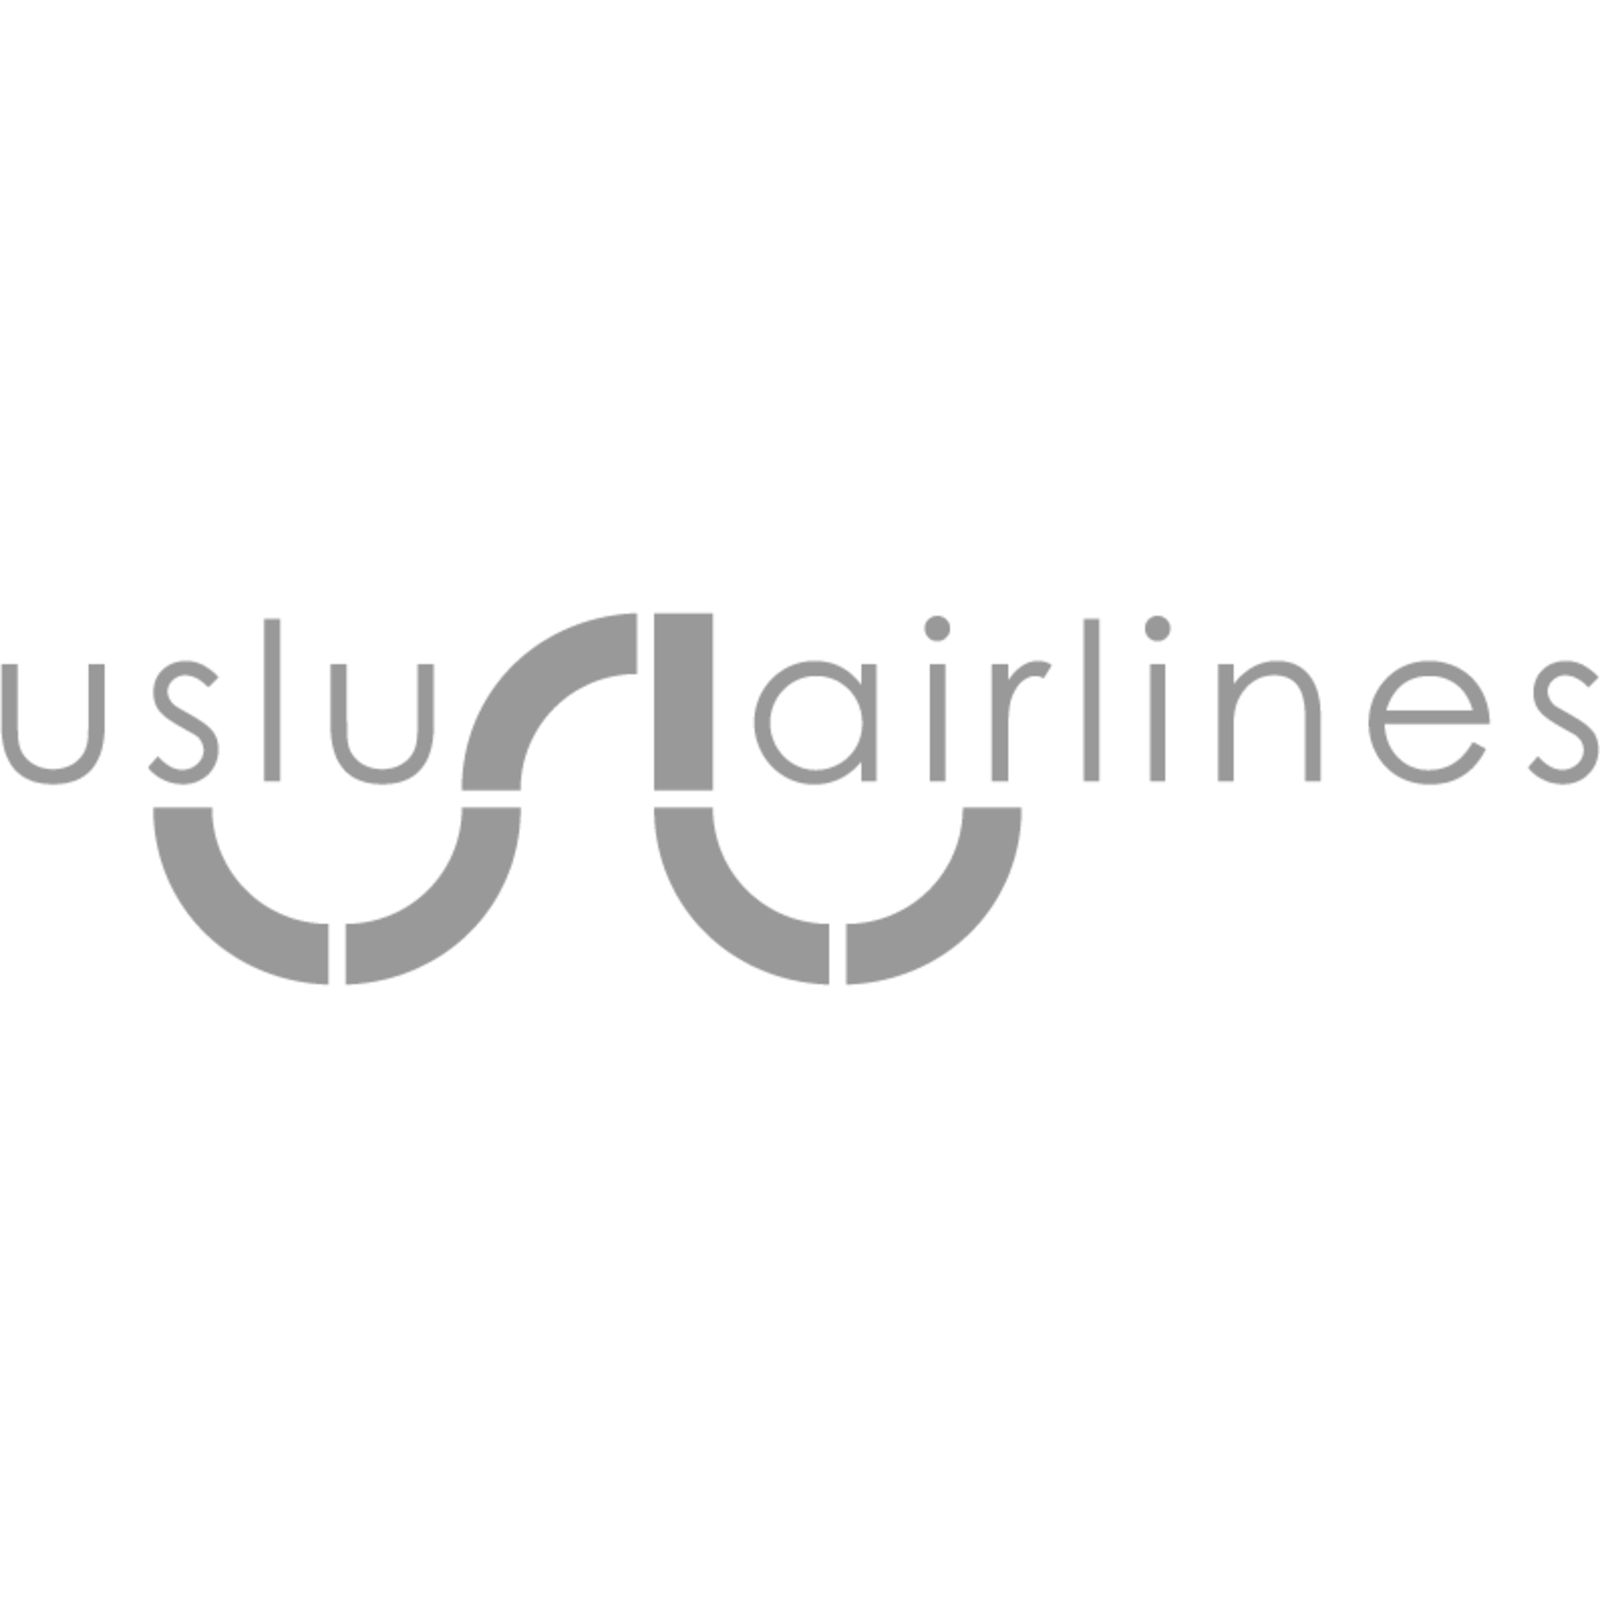 uslu airlines (Image 1)